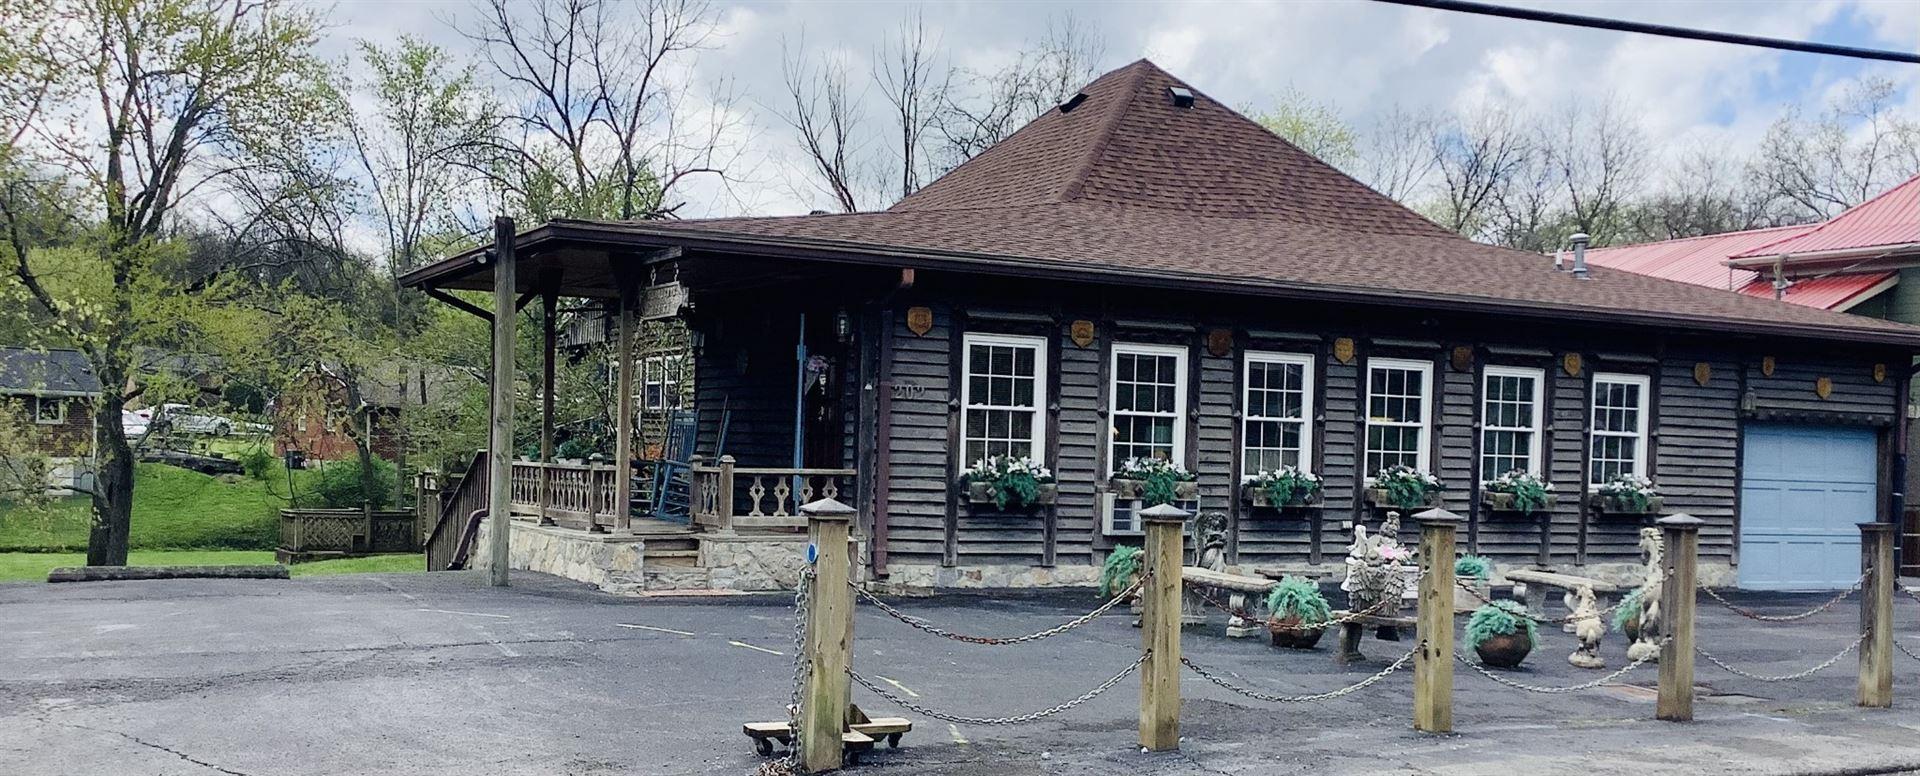 202 Old Liberty Pike, Franklin, TN 37064 - MLS#: 2243144